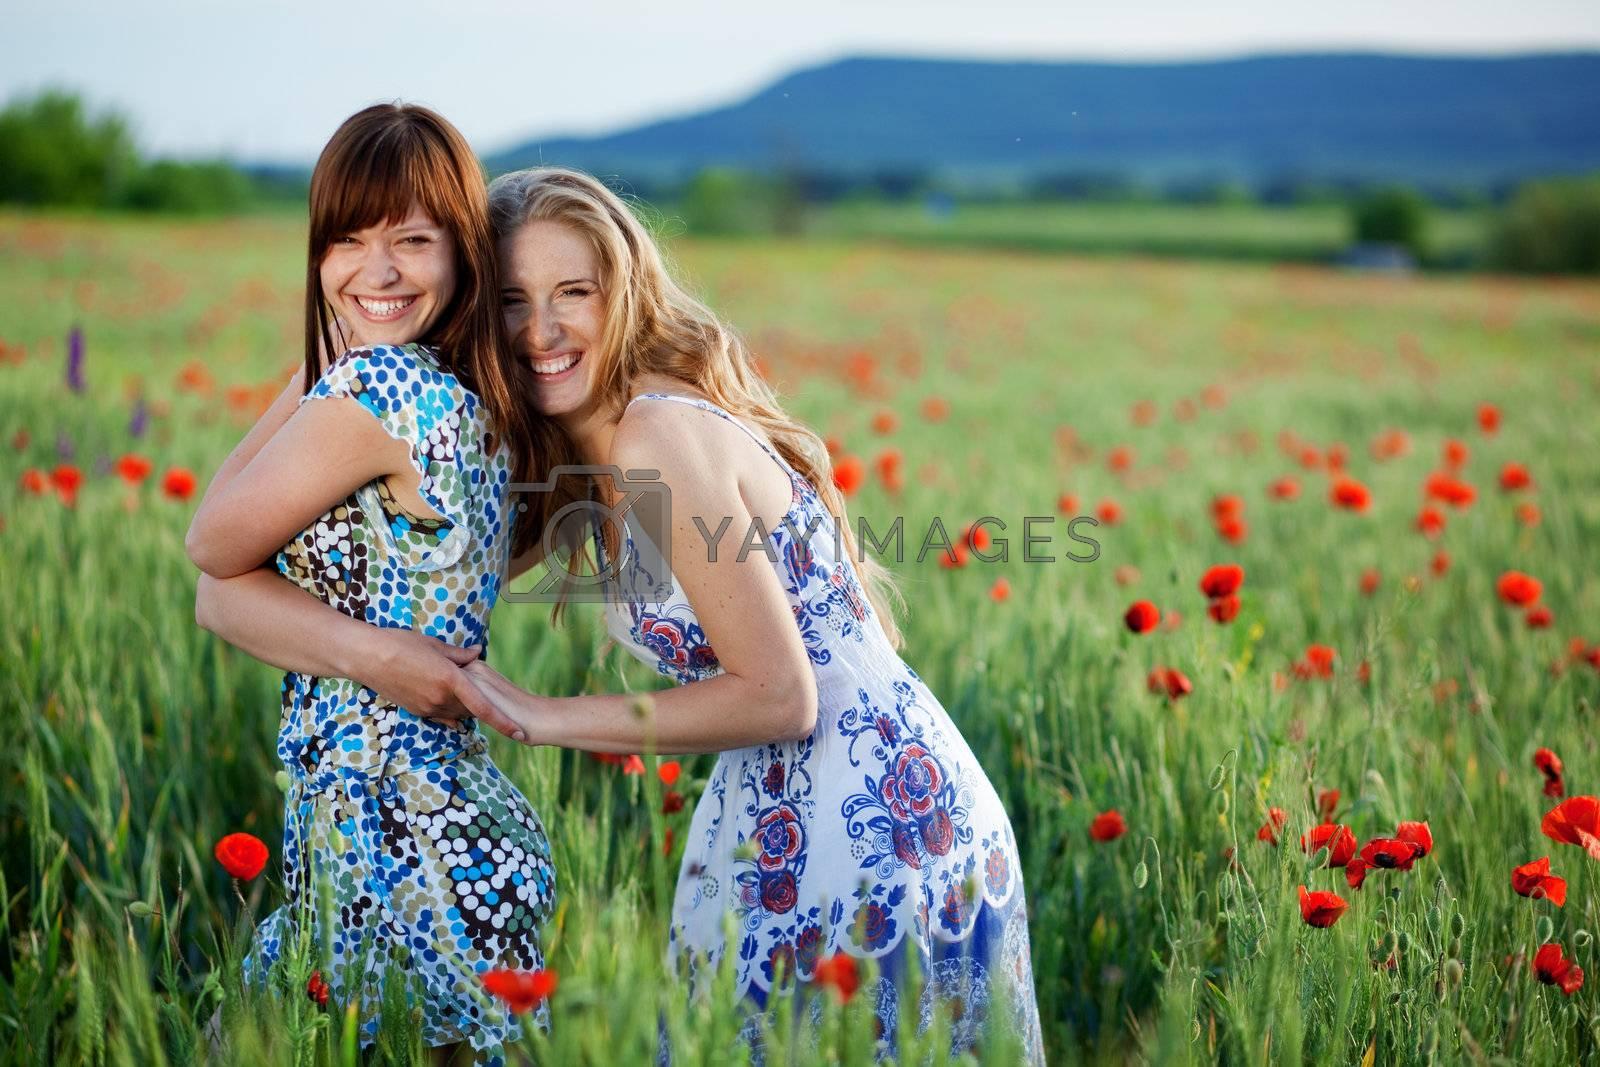 Two happy smiling girls in poppy field